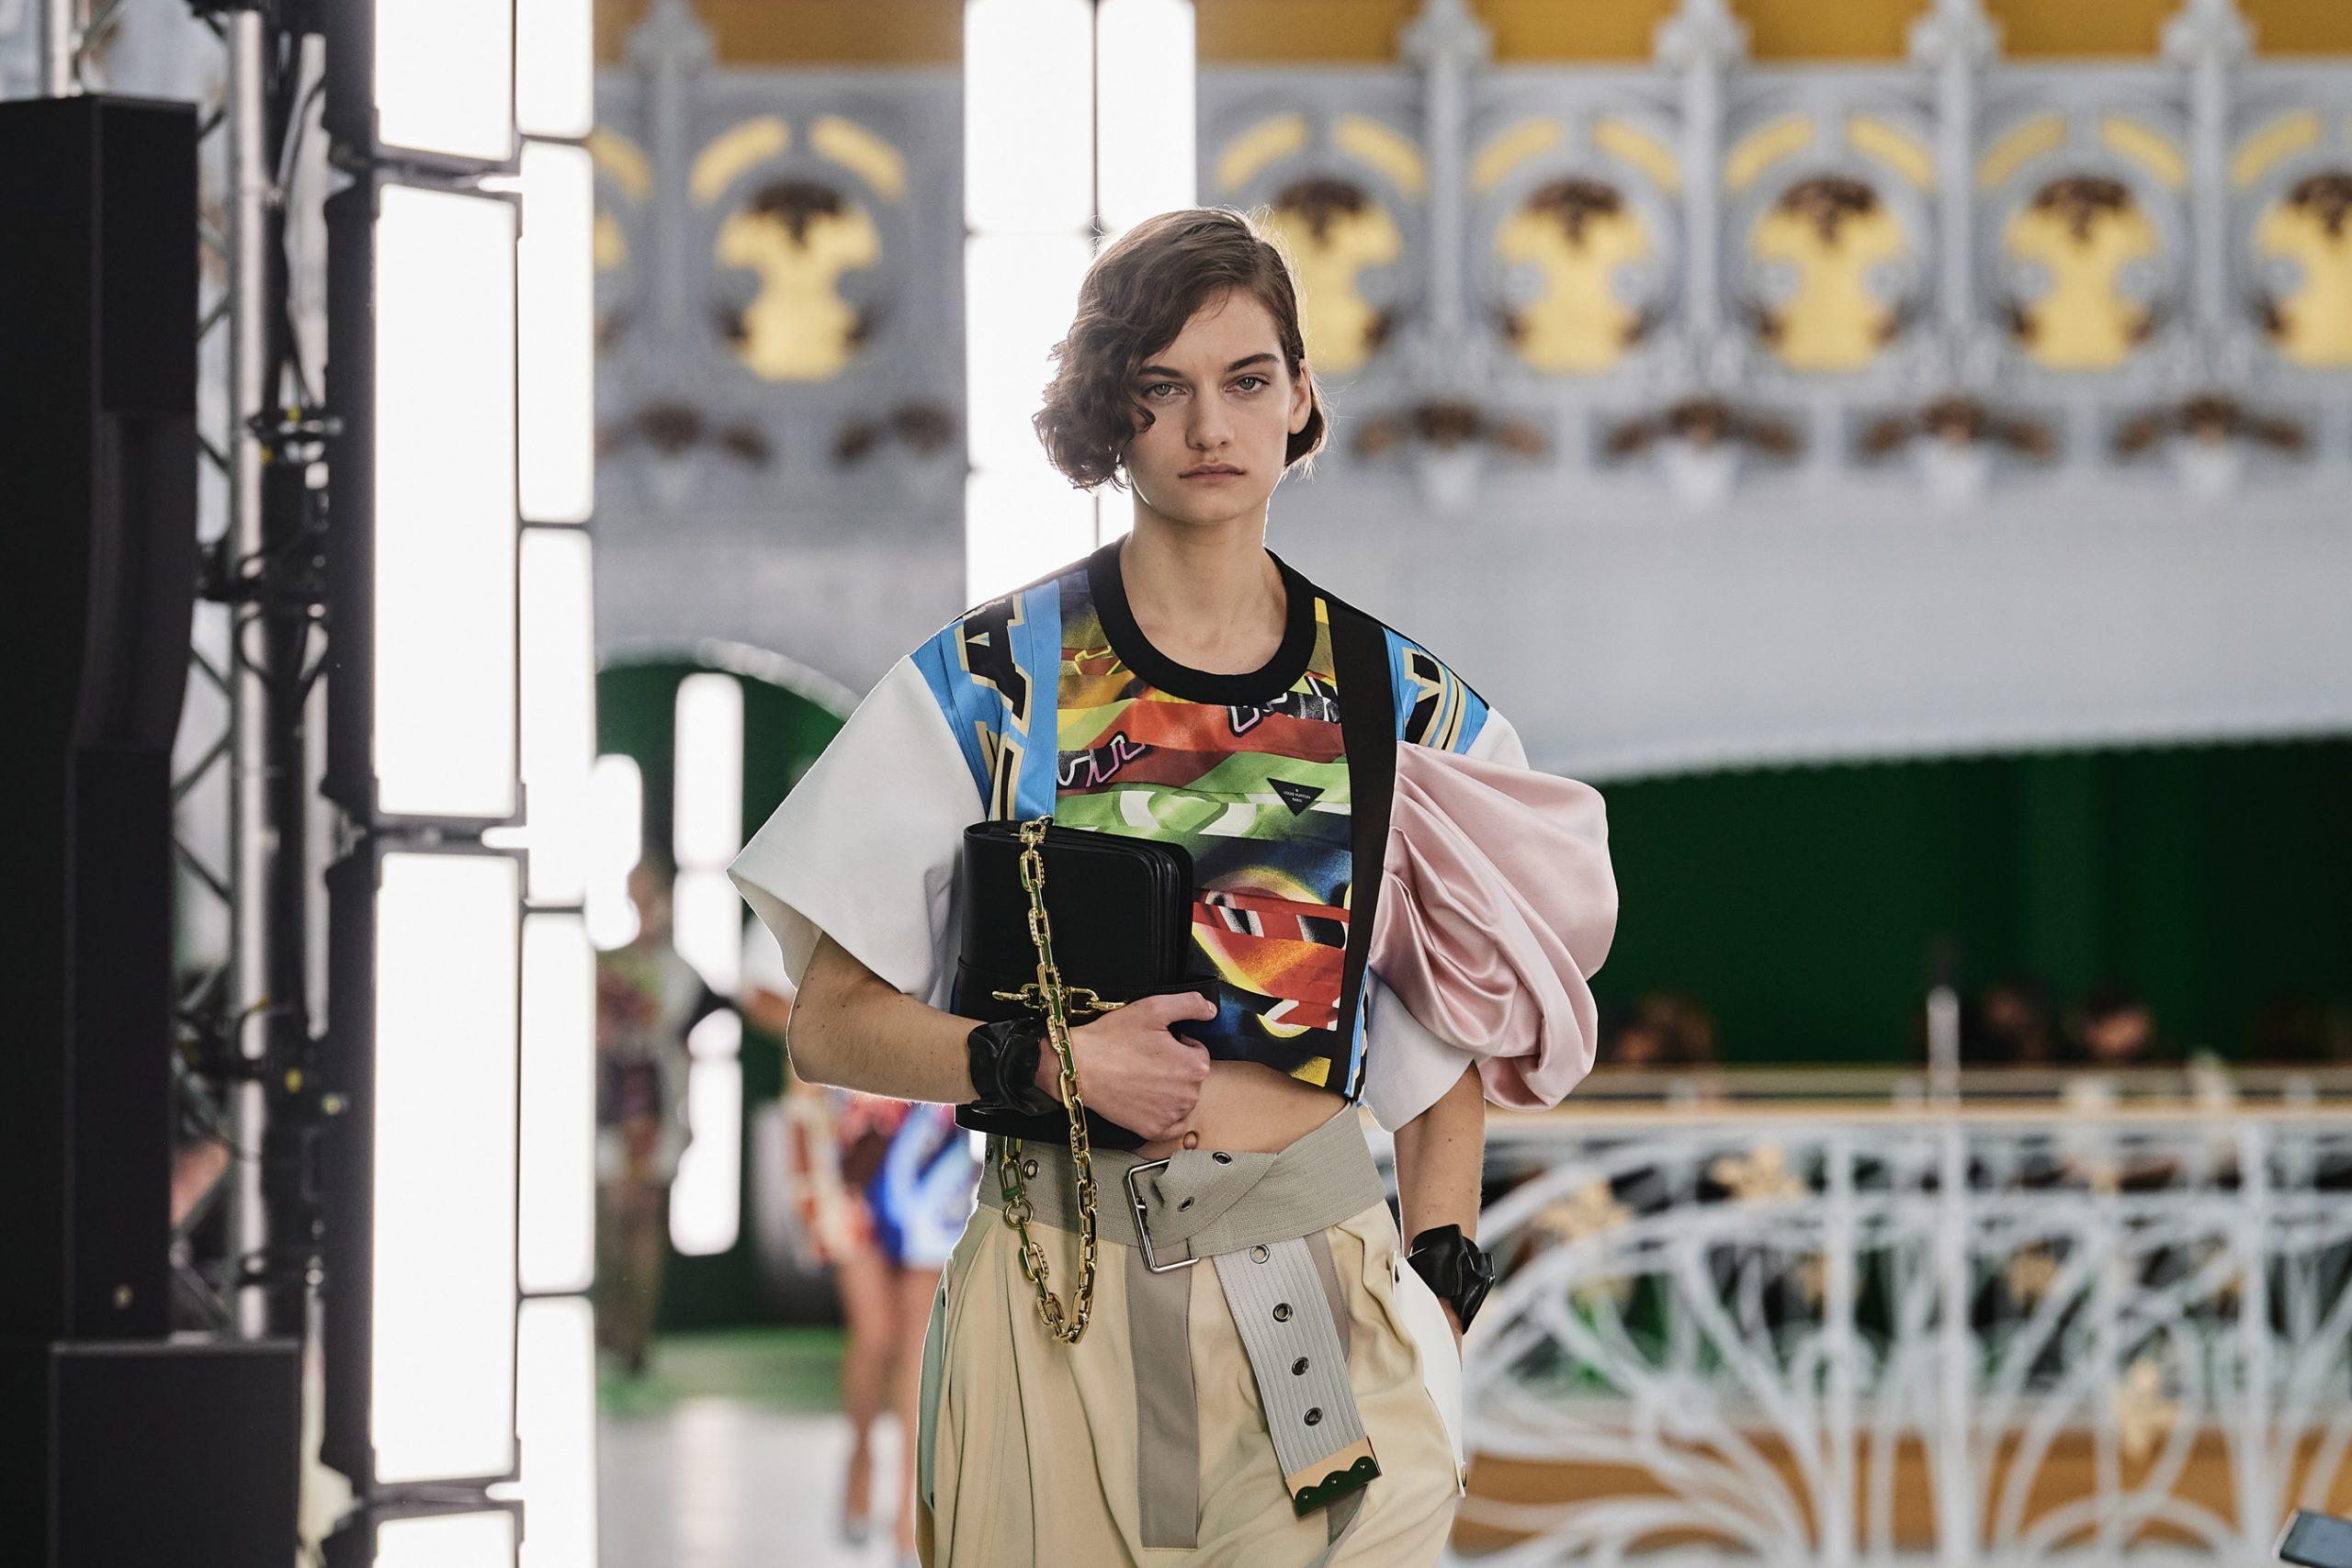 Louis Vuitton Spring 2021 Fashion Show Atmosphere